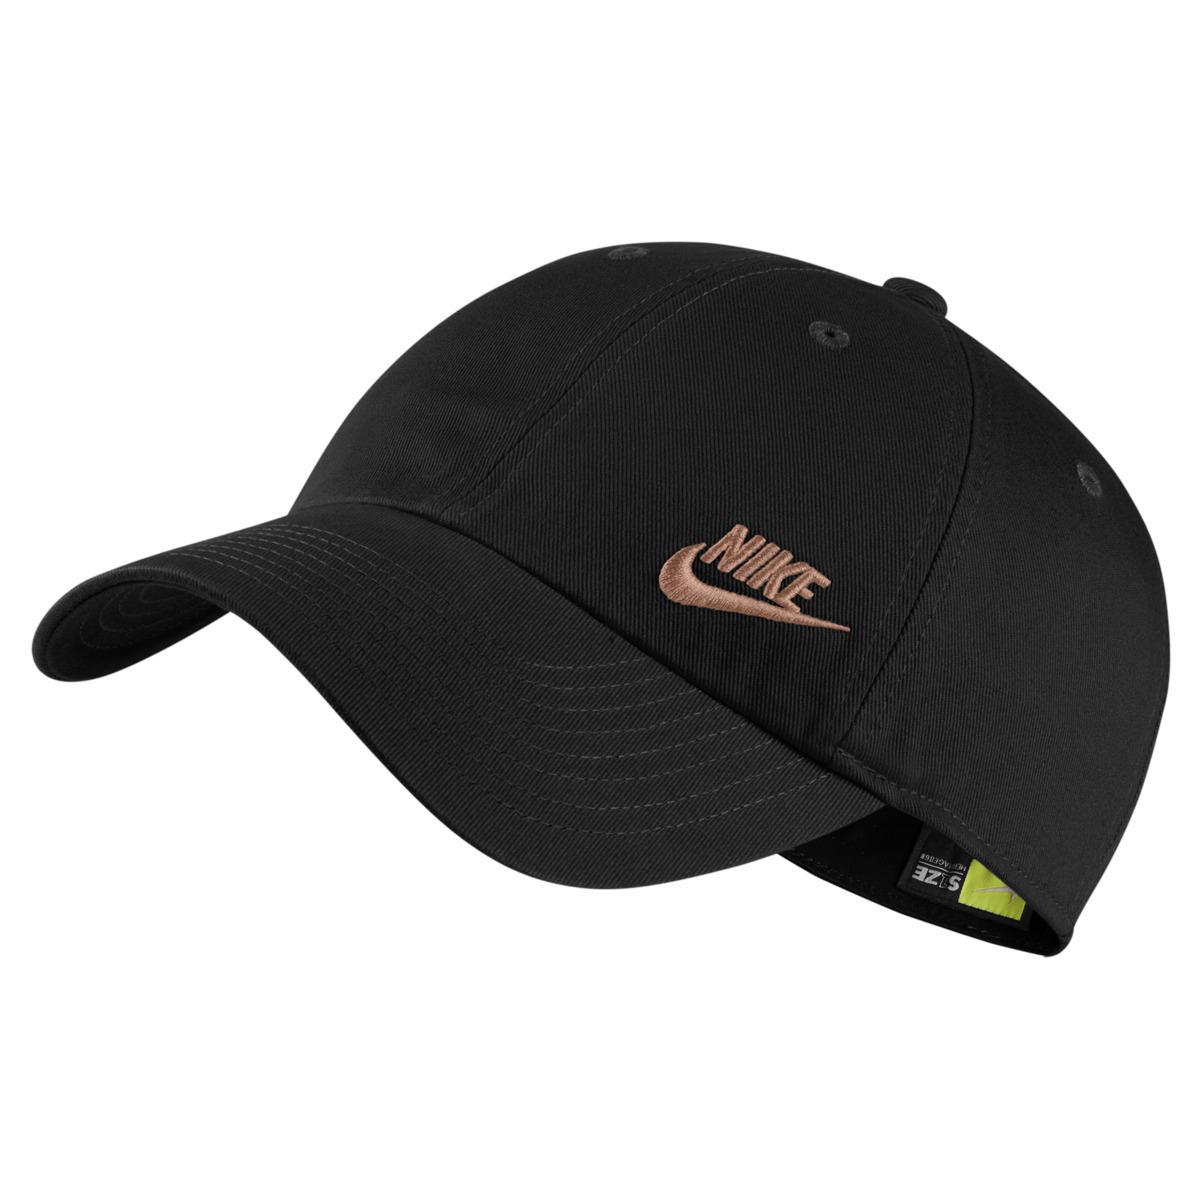 81ee460abba Nike Sportswear Heritage86 Cap in Black - Lyst